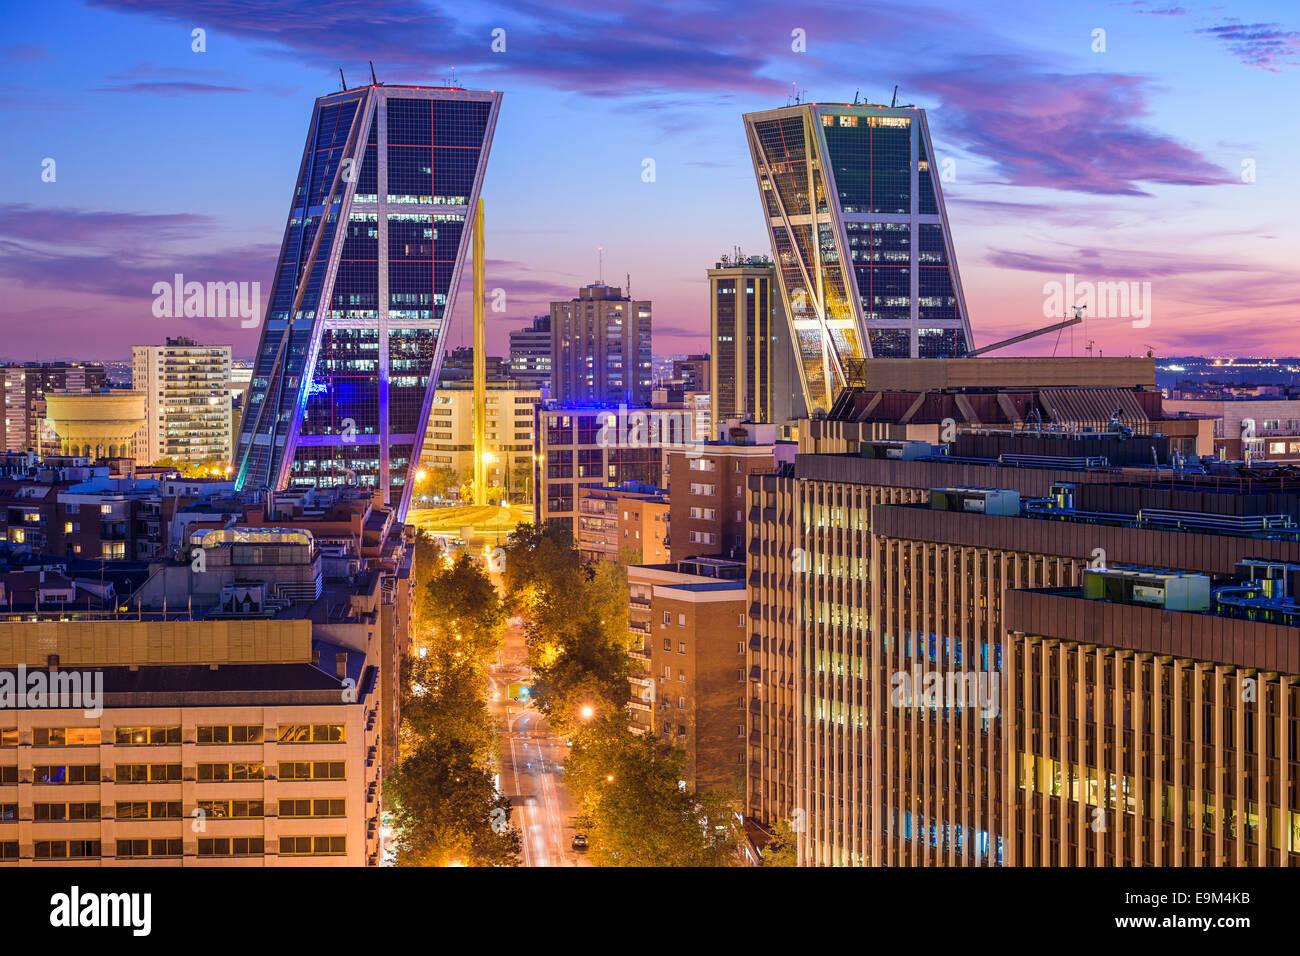 Madrid, Espagne financial district skyline au crépuscule vue vers la porte de l'Europe Plaza. Photo Stock